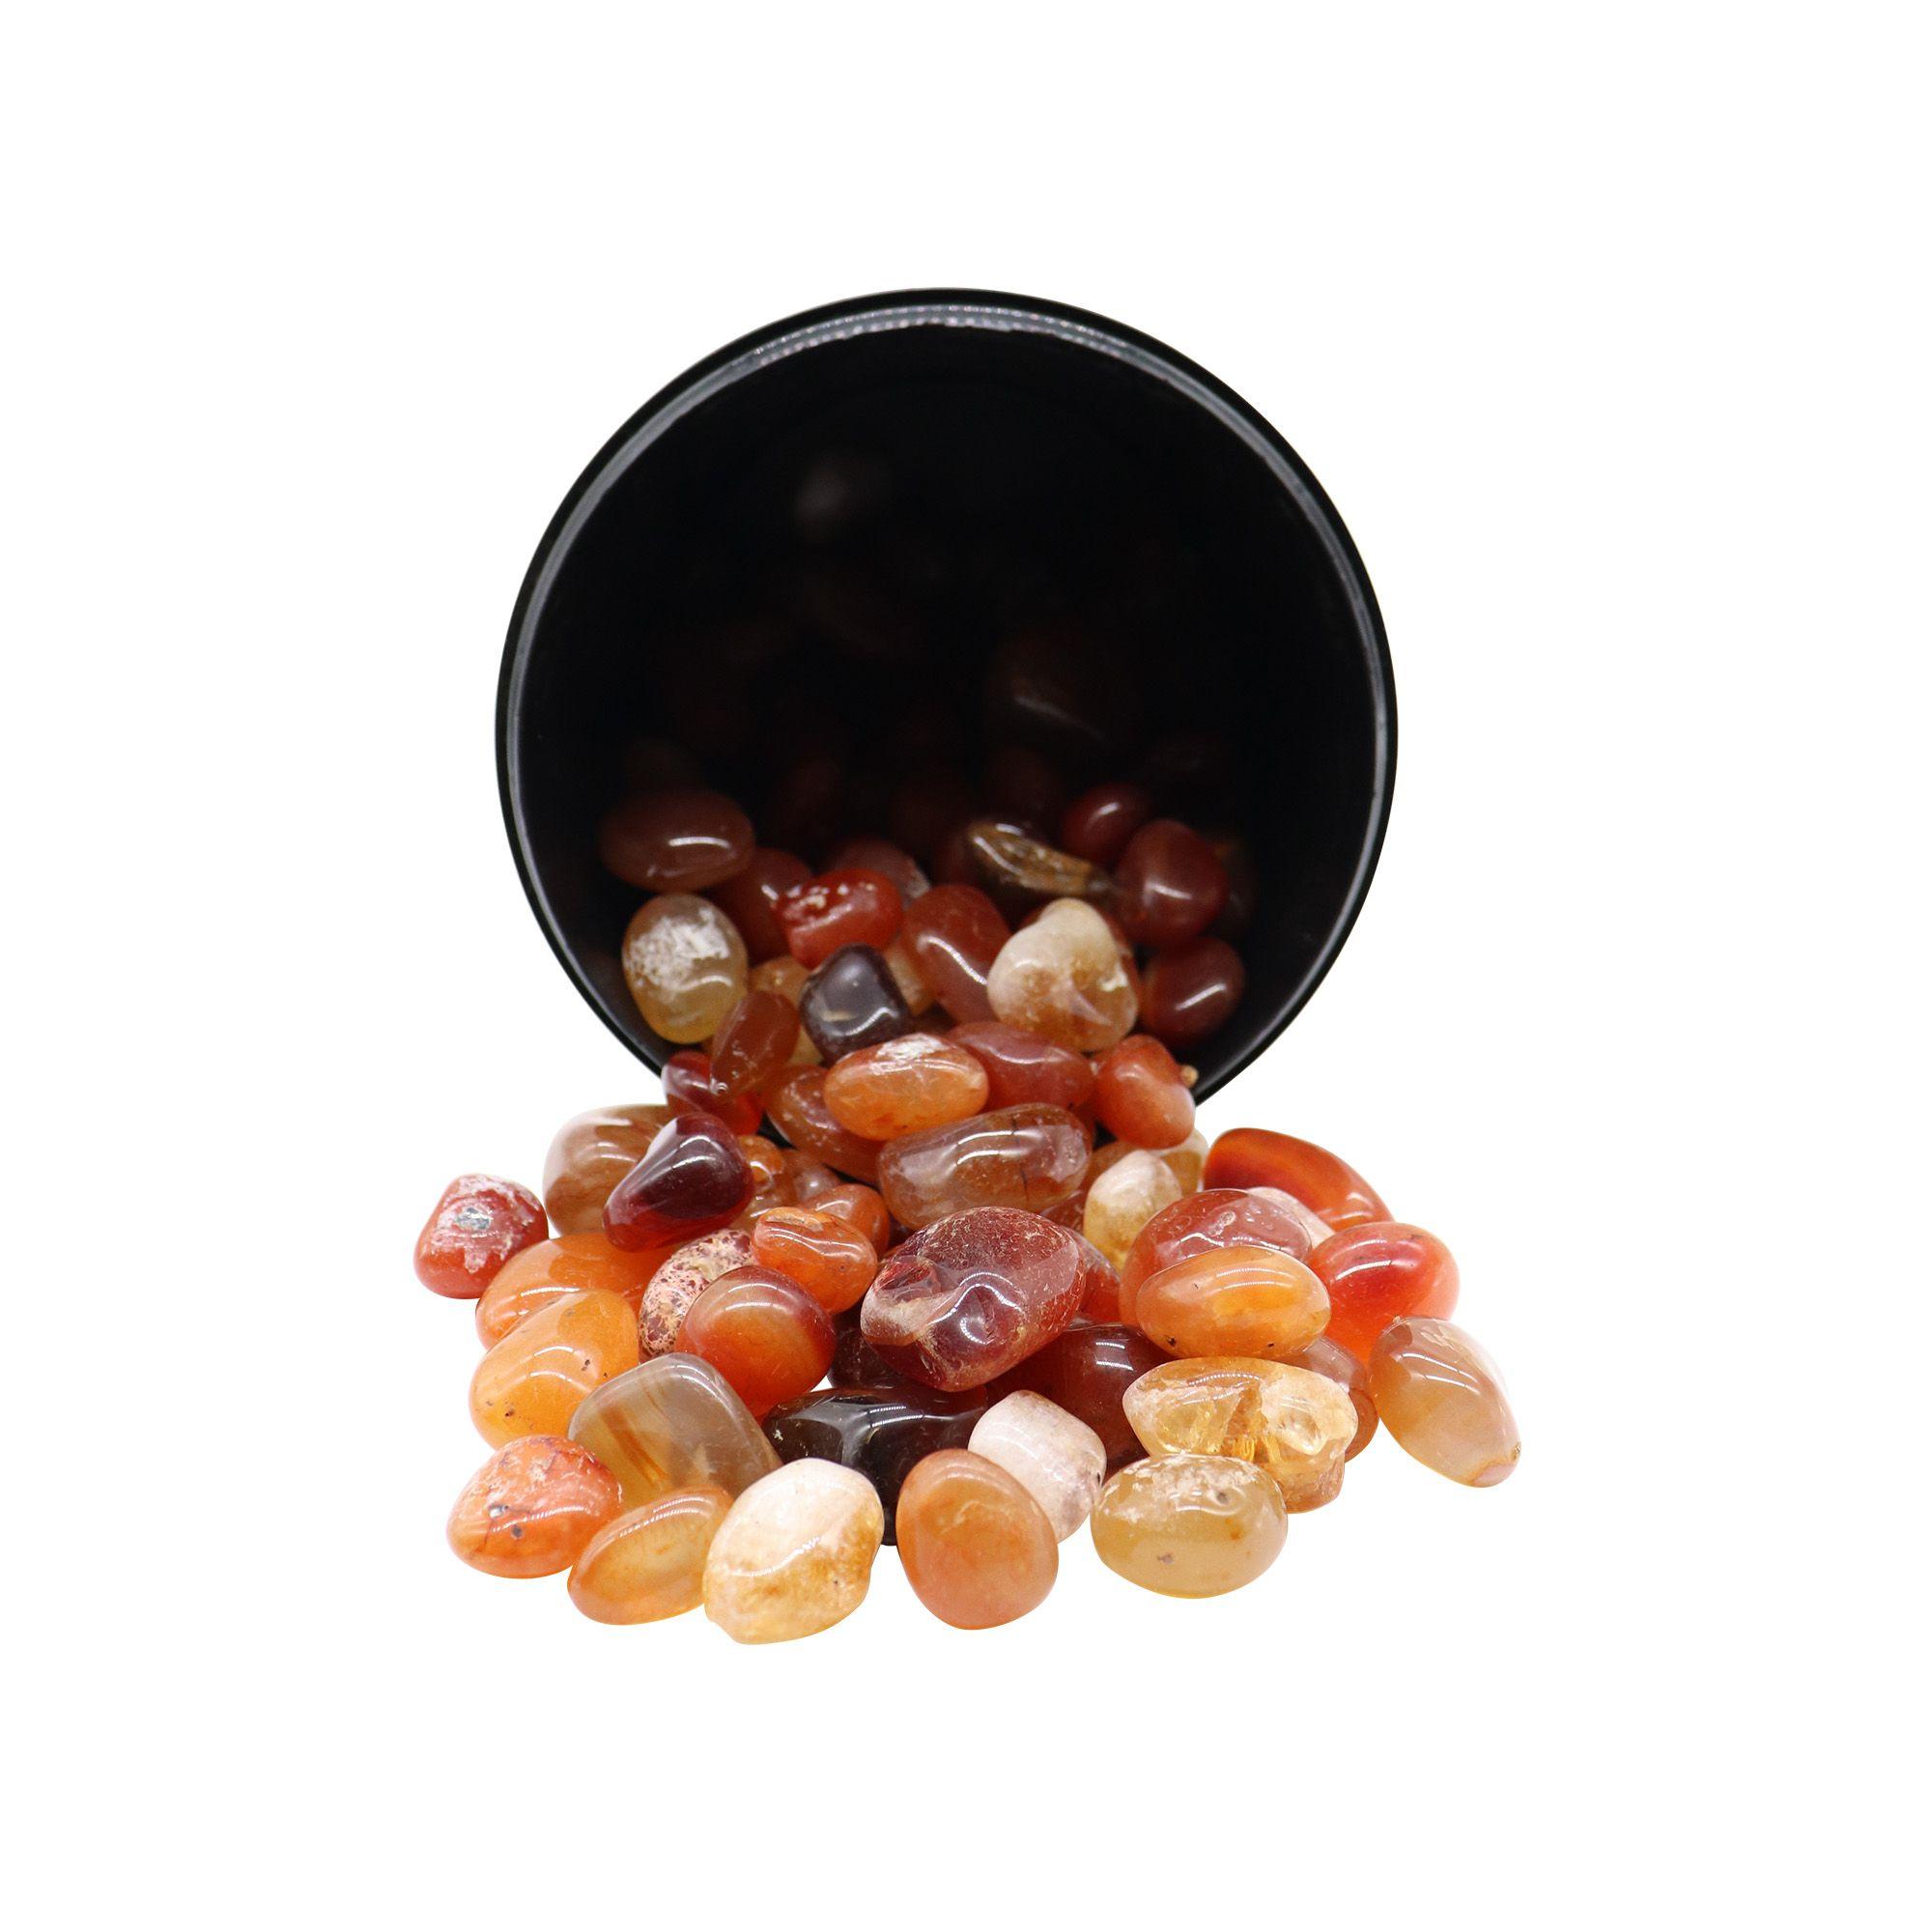 Kit com 5 pedras cornalina ~ 7 à 25g